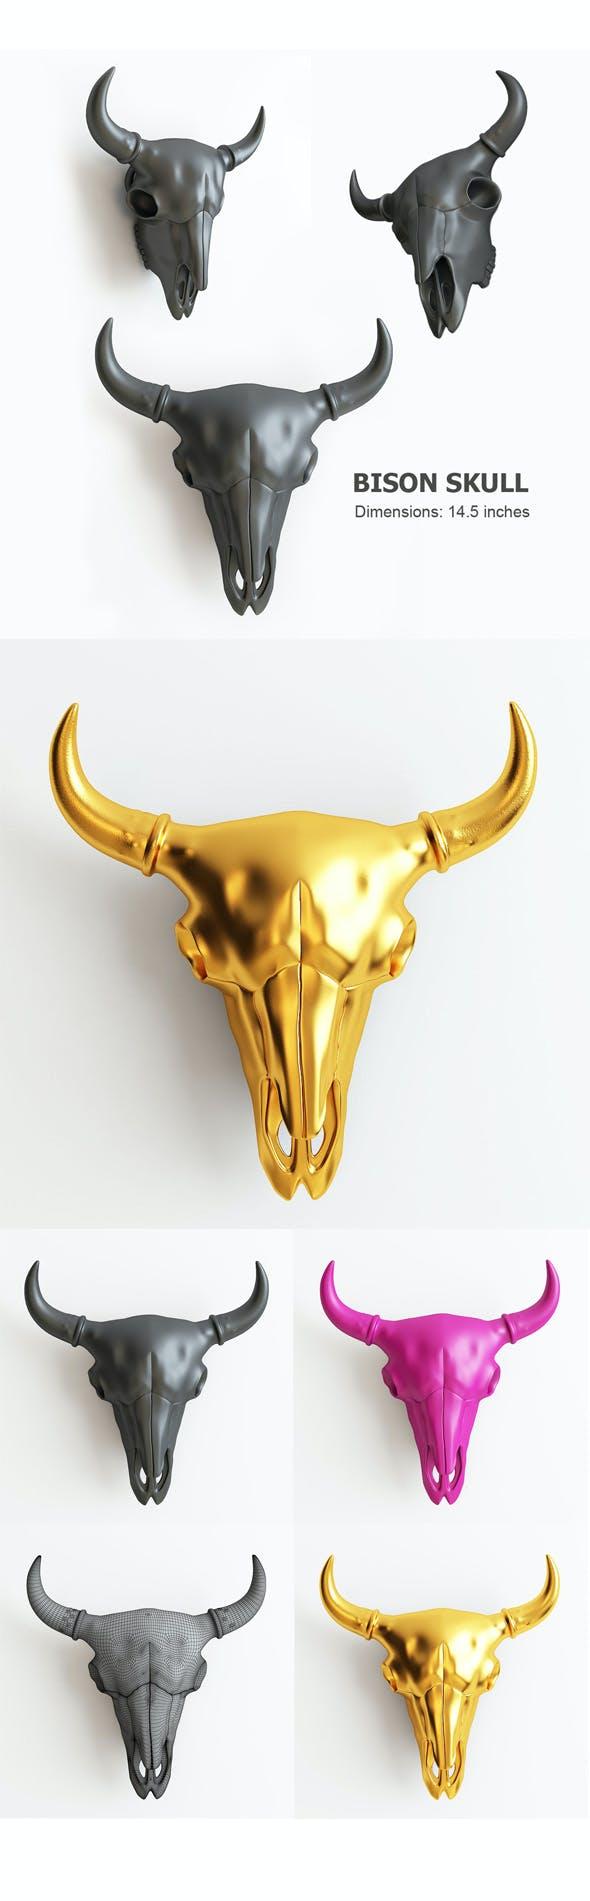 bison skull 3D print model - 3DOcean Item for Sale